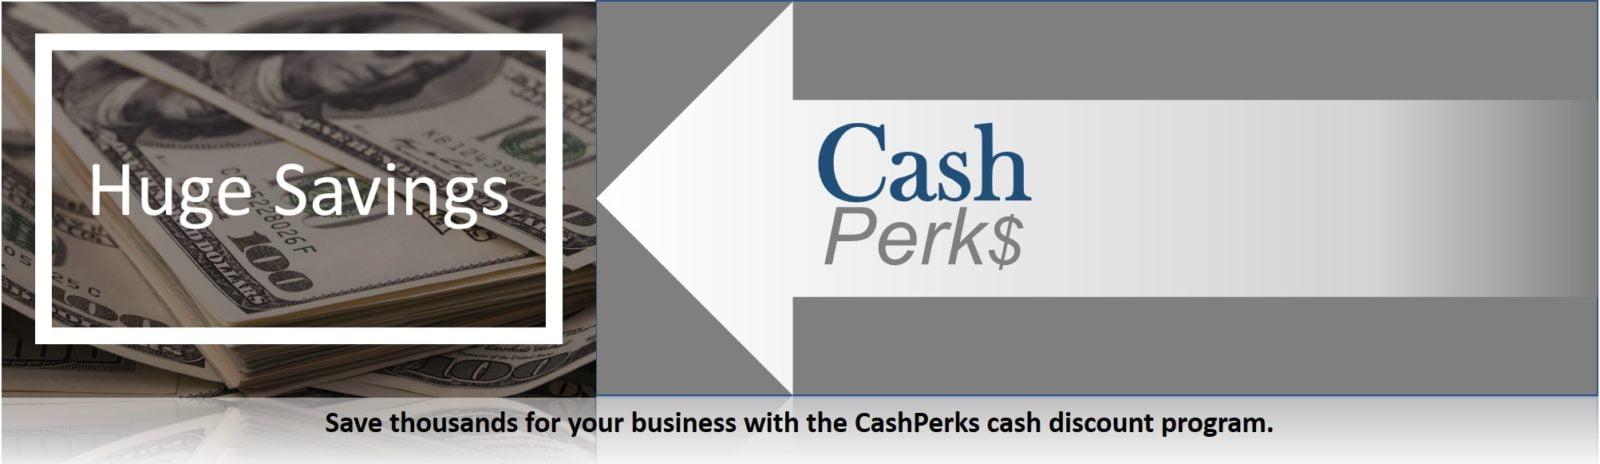 Cash Perks Slider Image